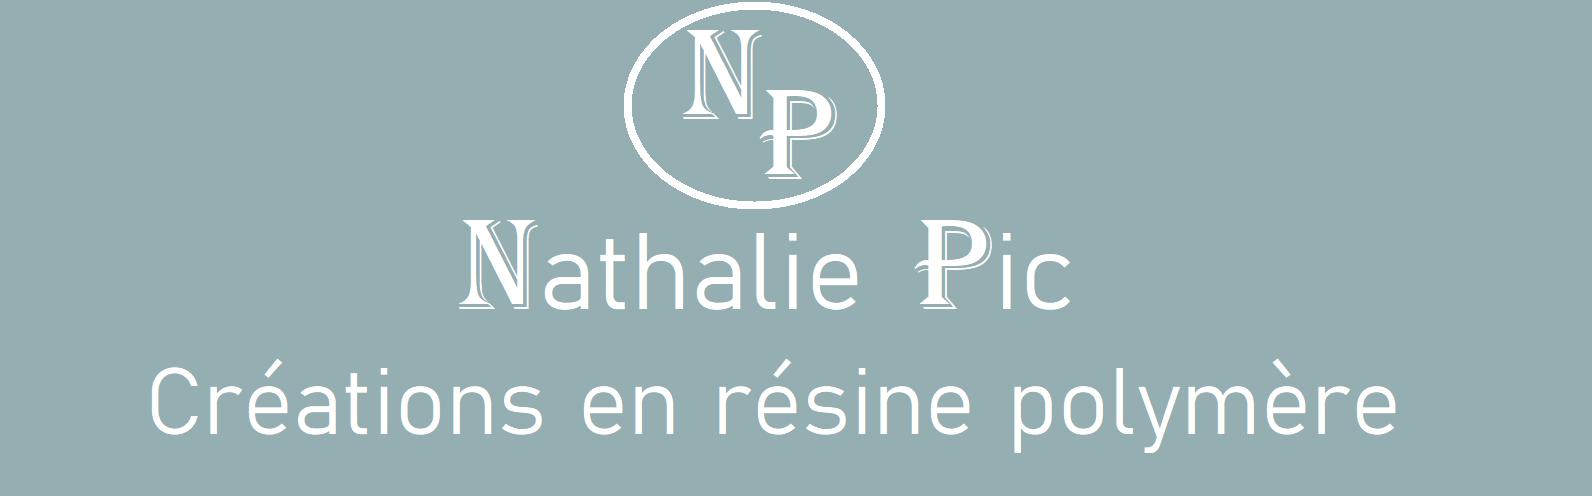 Nathalie Pic, bijoux de créateur en pâte fimo, pâte polymère